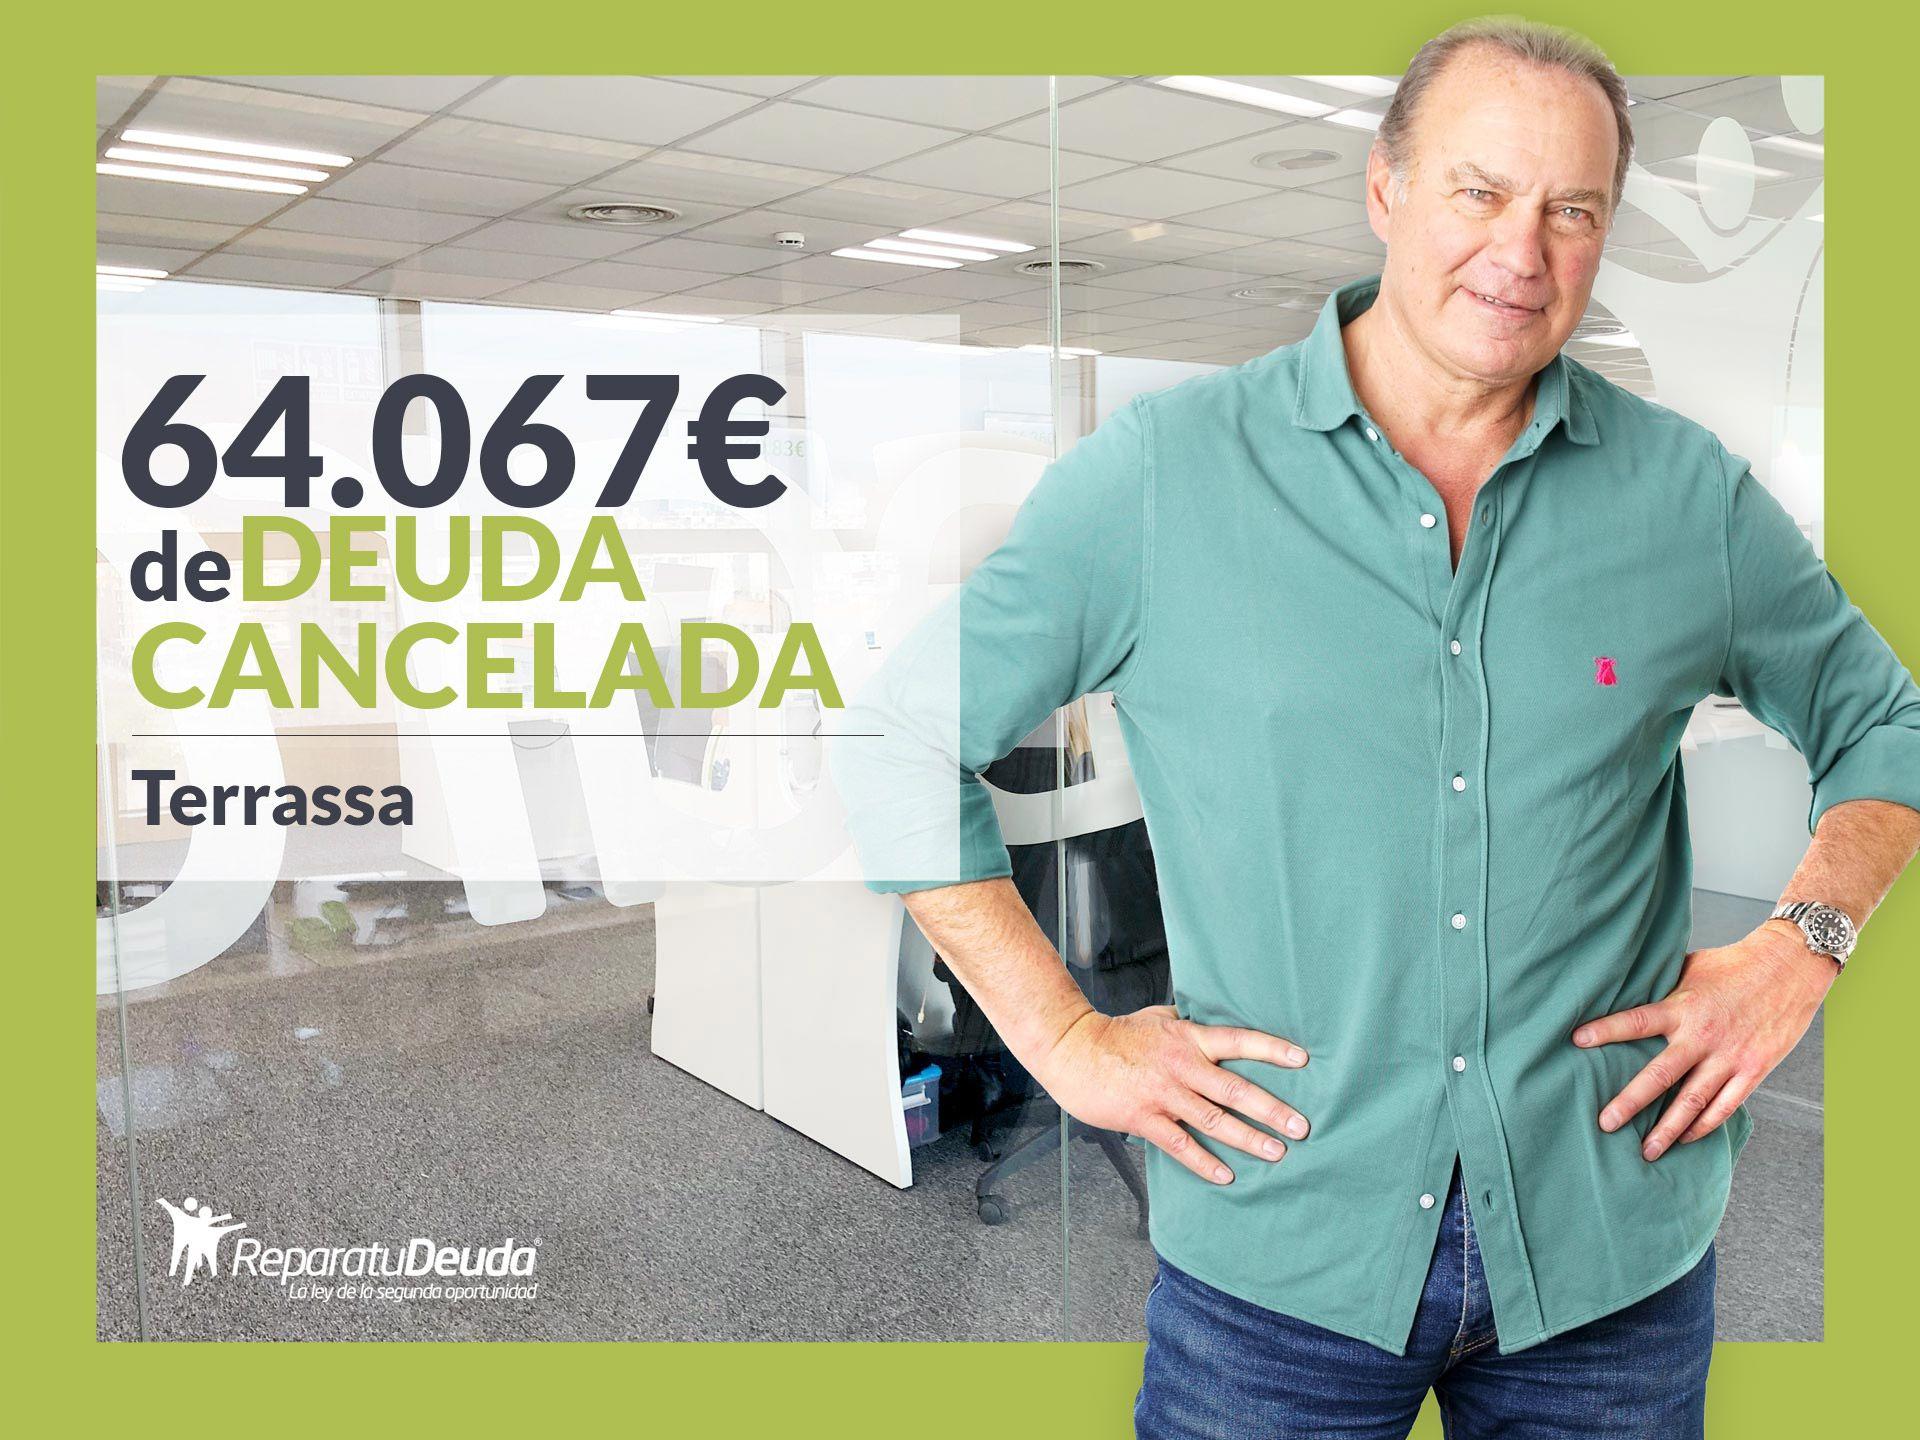 Repara tu Deuda cancela 64.067? en Terrassa (Barcelona) con la Ley de la Segunda Oportunidad